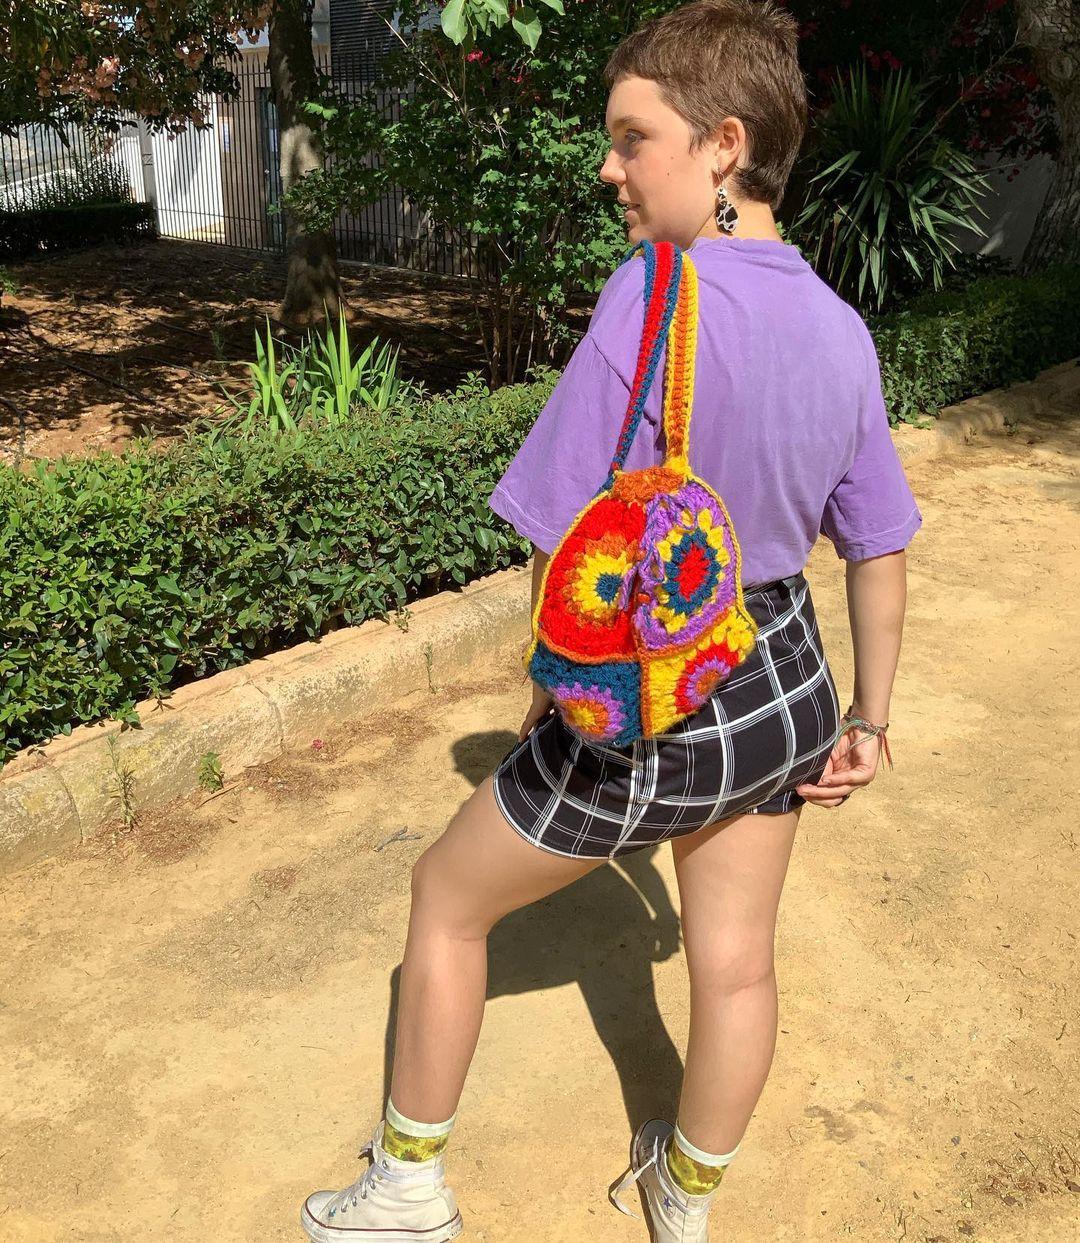 1612585366 681 40 fotos para combinar la pieza con tu look - 40 inspiraciones increíbles para que uses la mochila de crochet